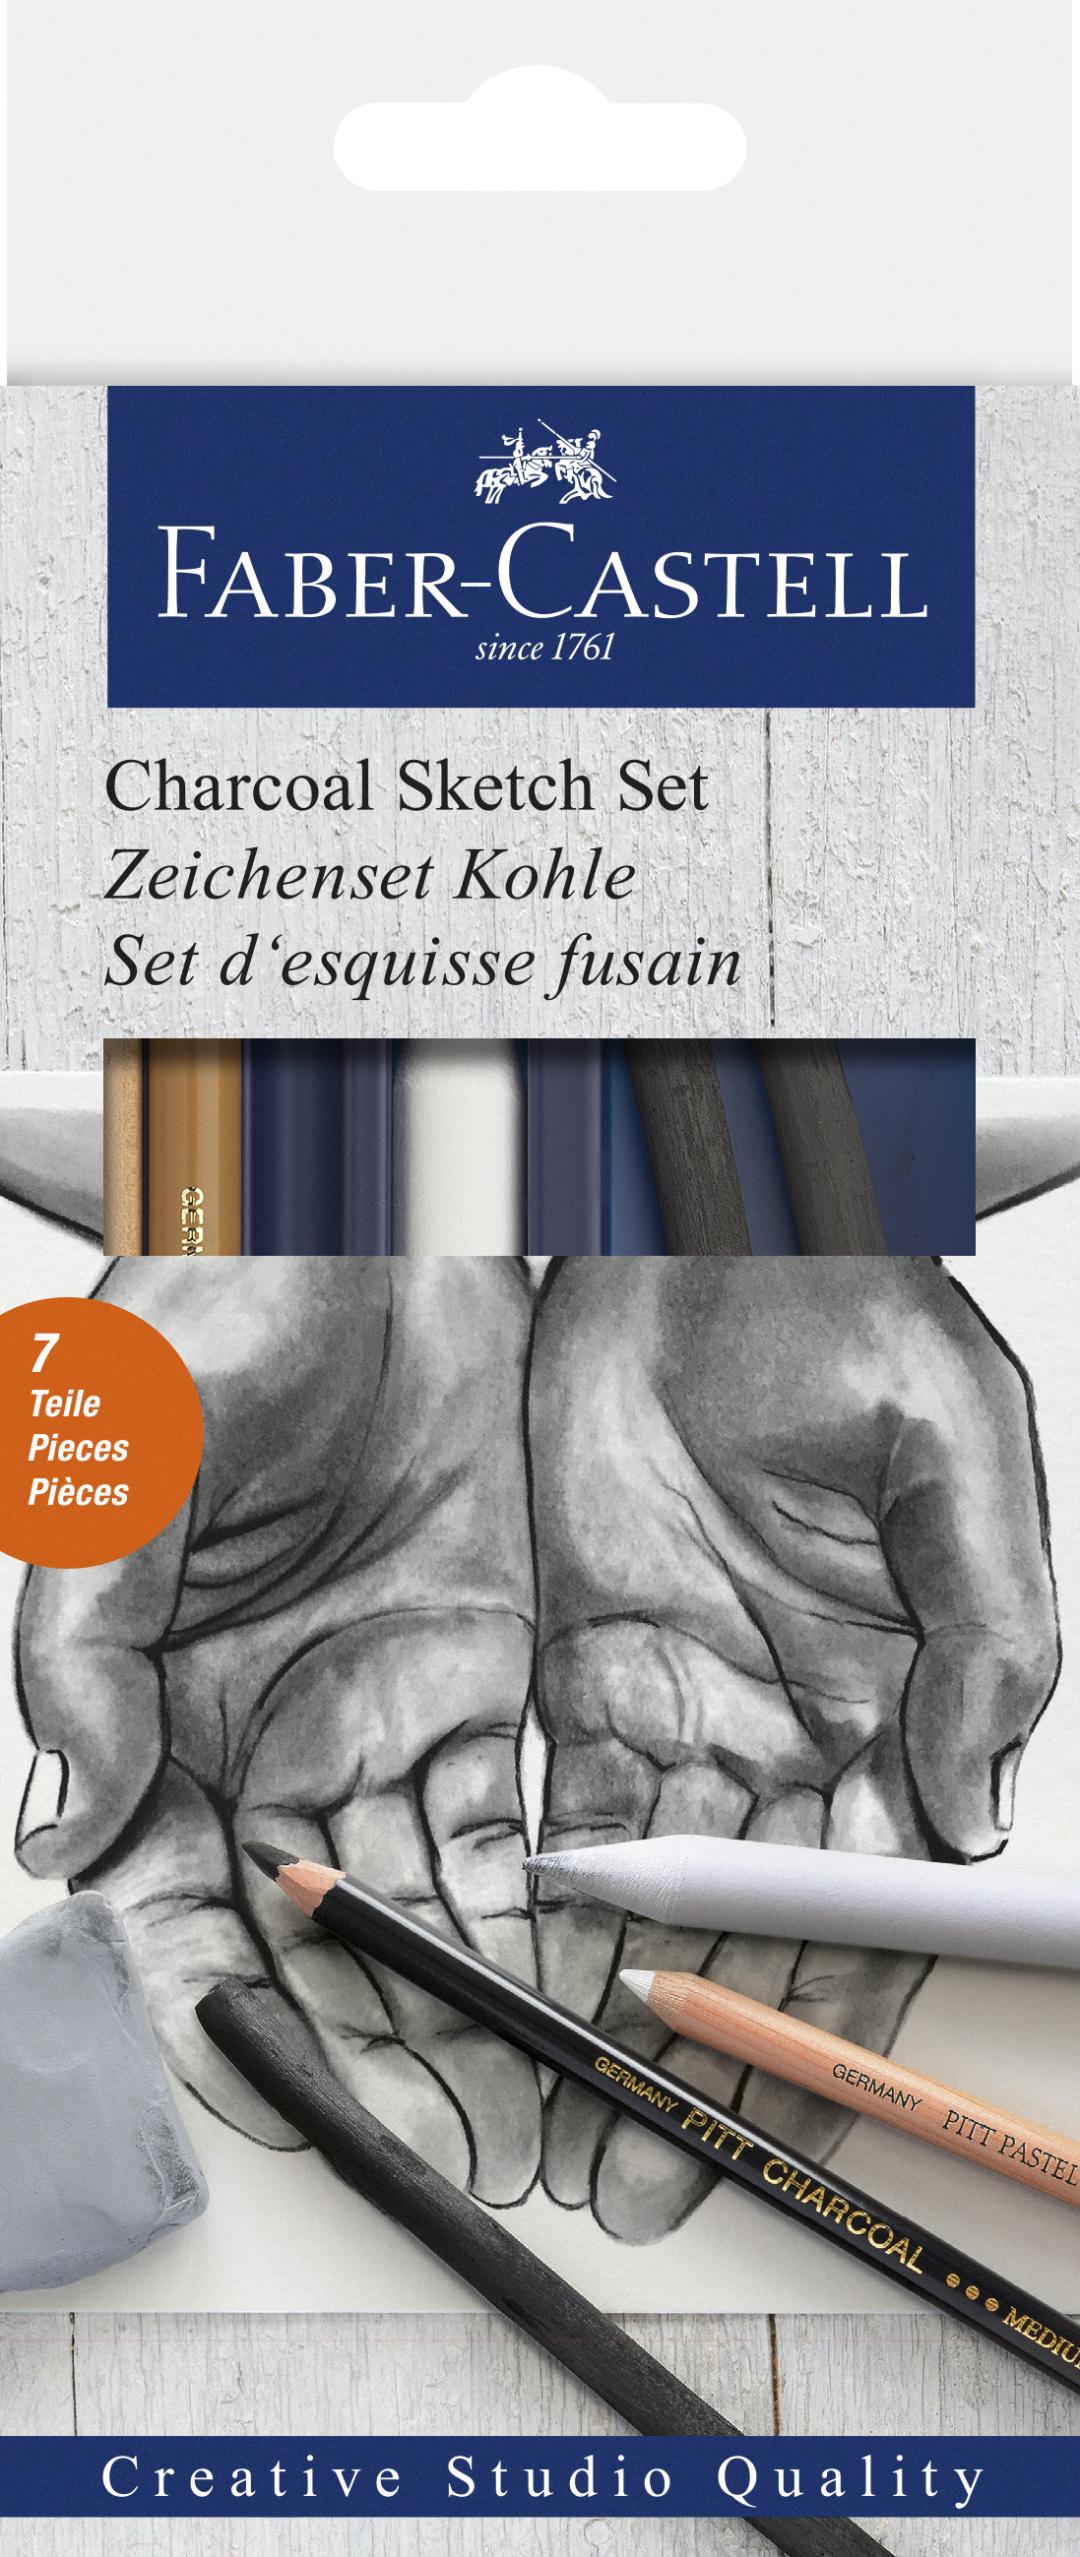 Faber-Castell Zeichenset Kohle